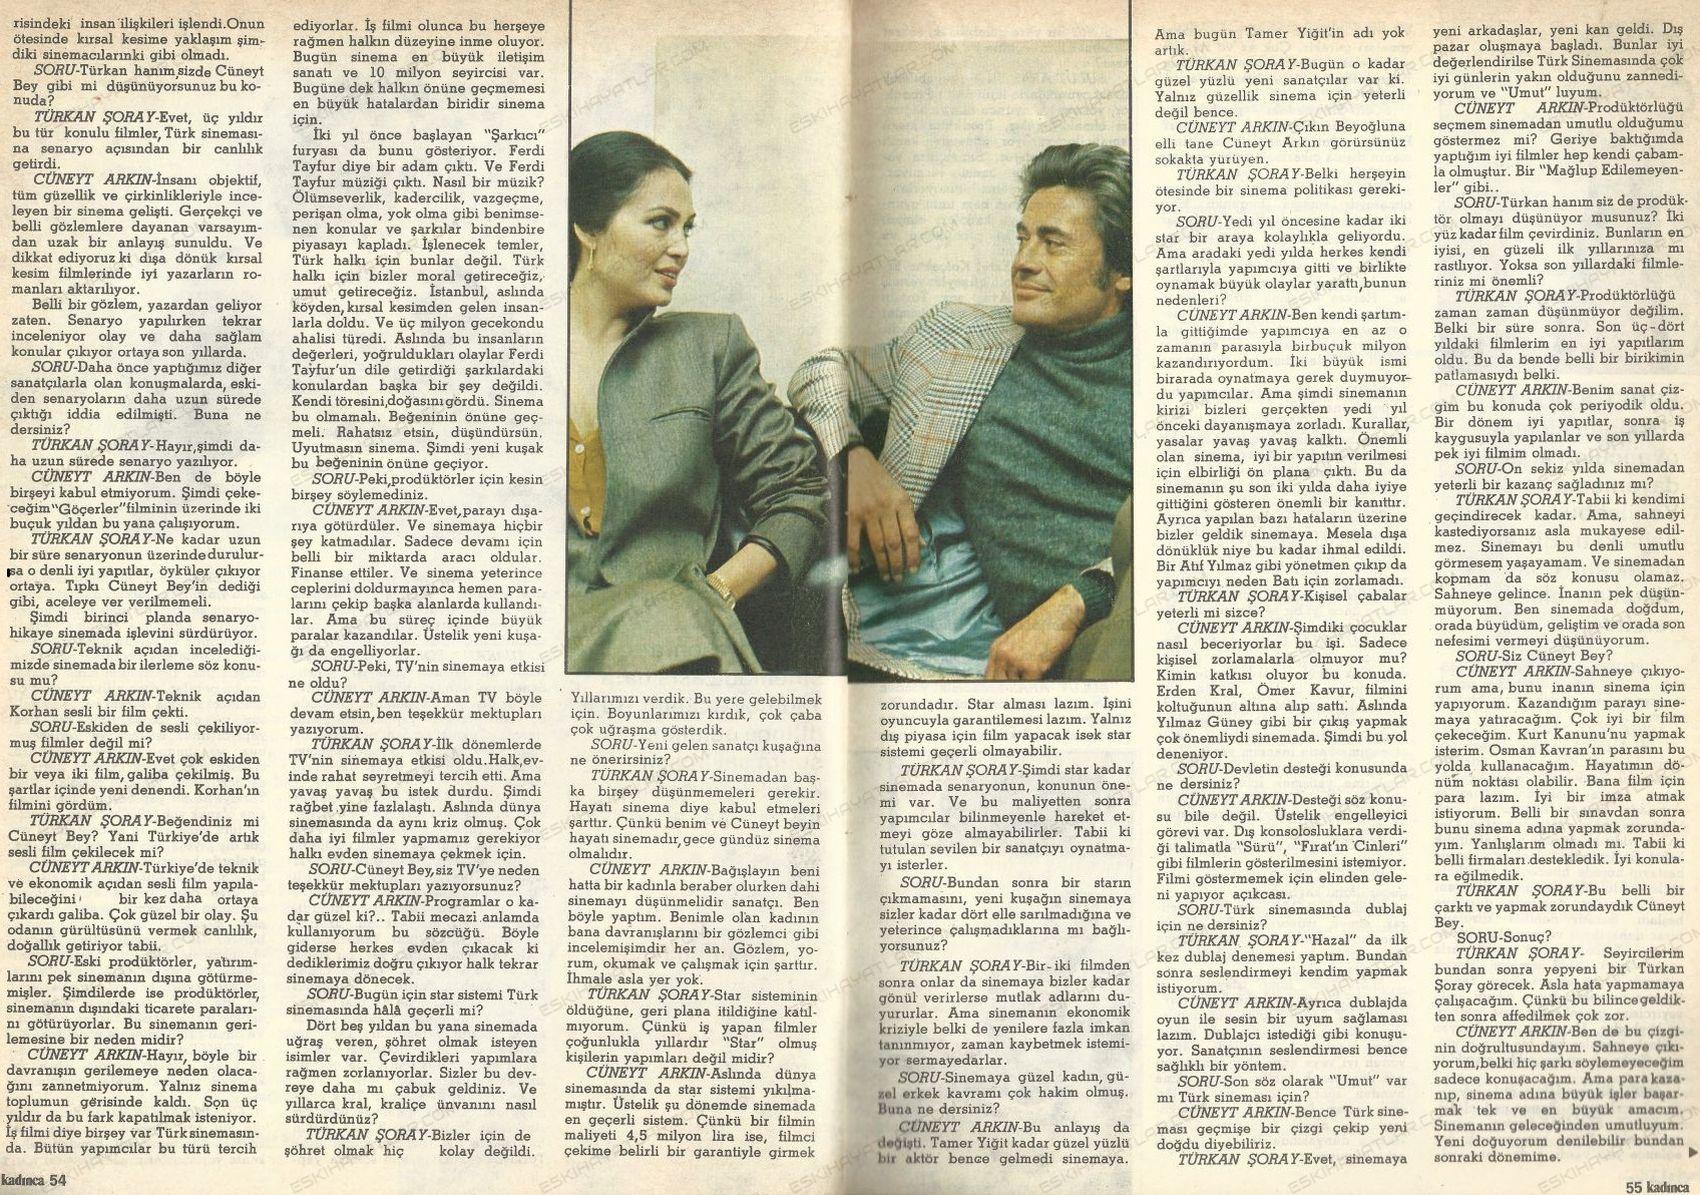 0120-seksenli-yillarda-turk-sinemasi-turkan-soray-roportaji-cuneyt-arkin-1981-kadinca-dergisi (4)